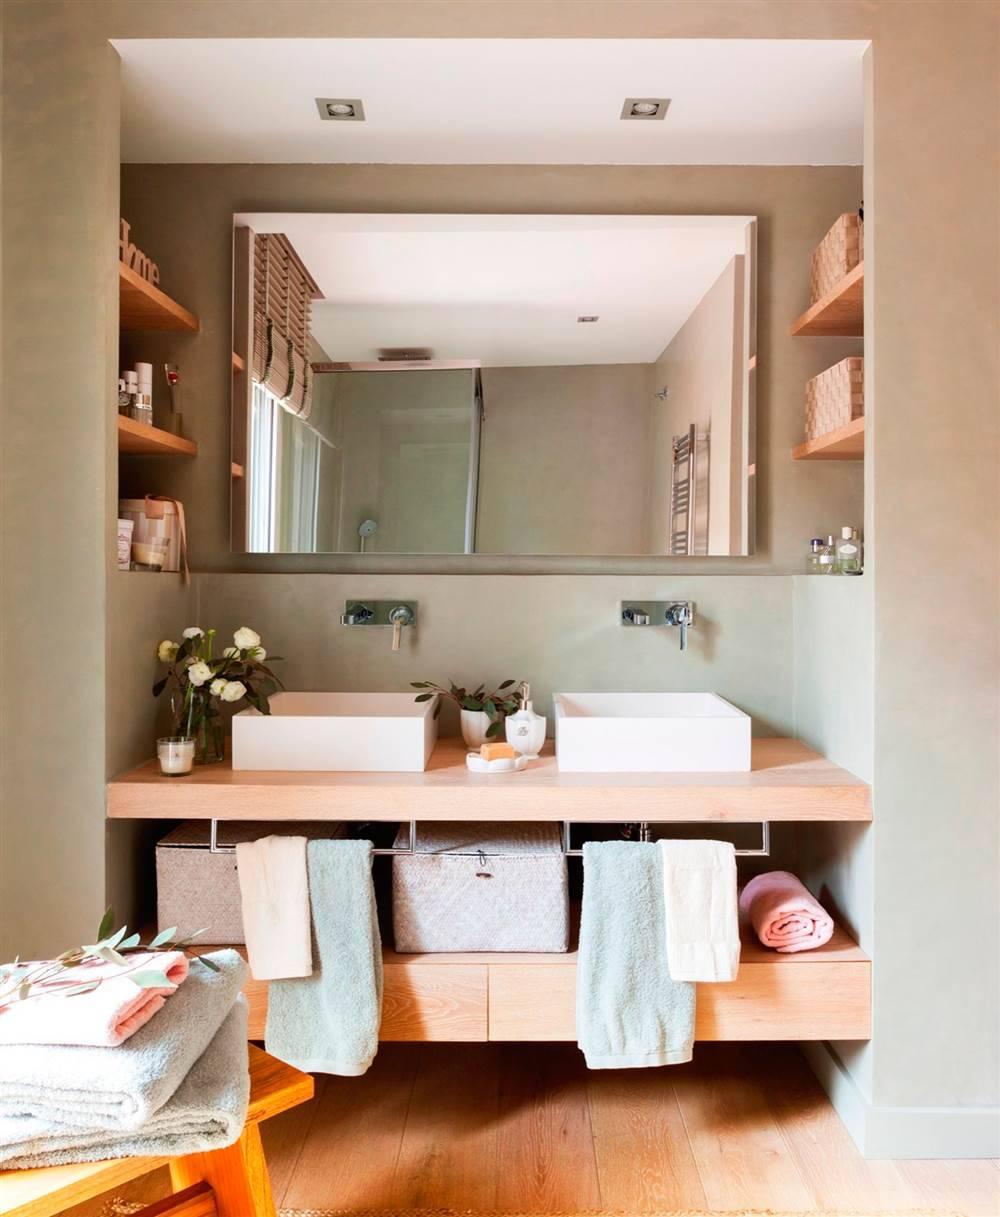 decoracion.baño.balda ikea rncima del baño